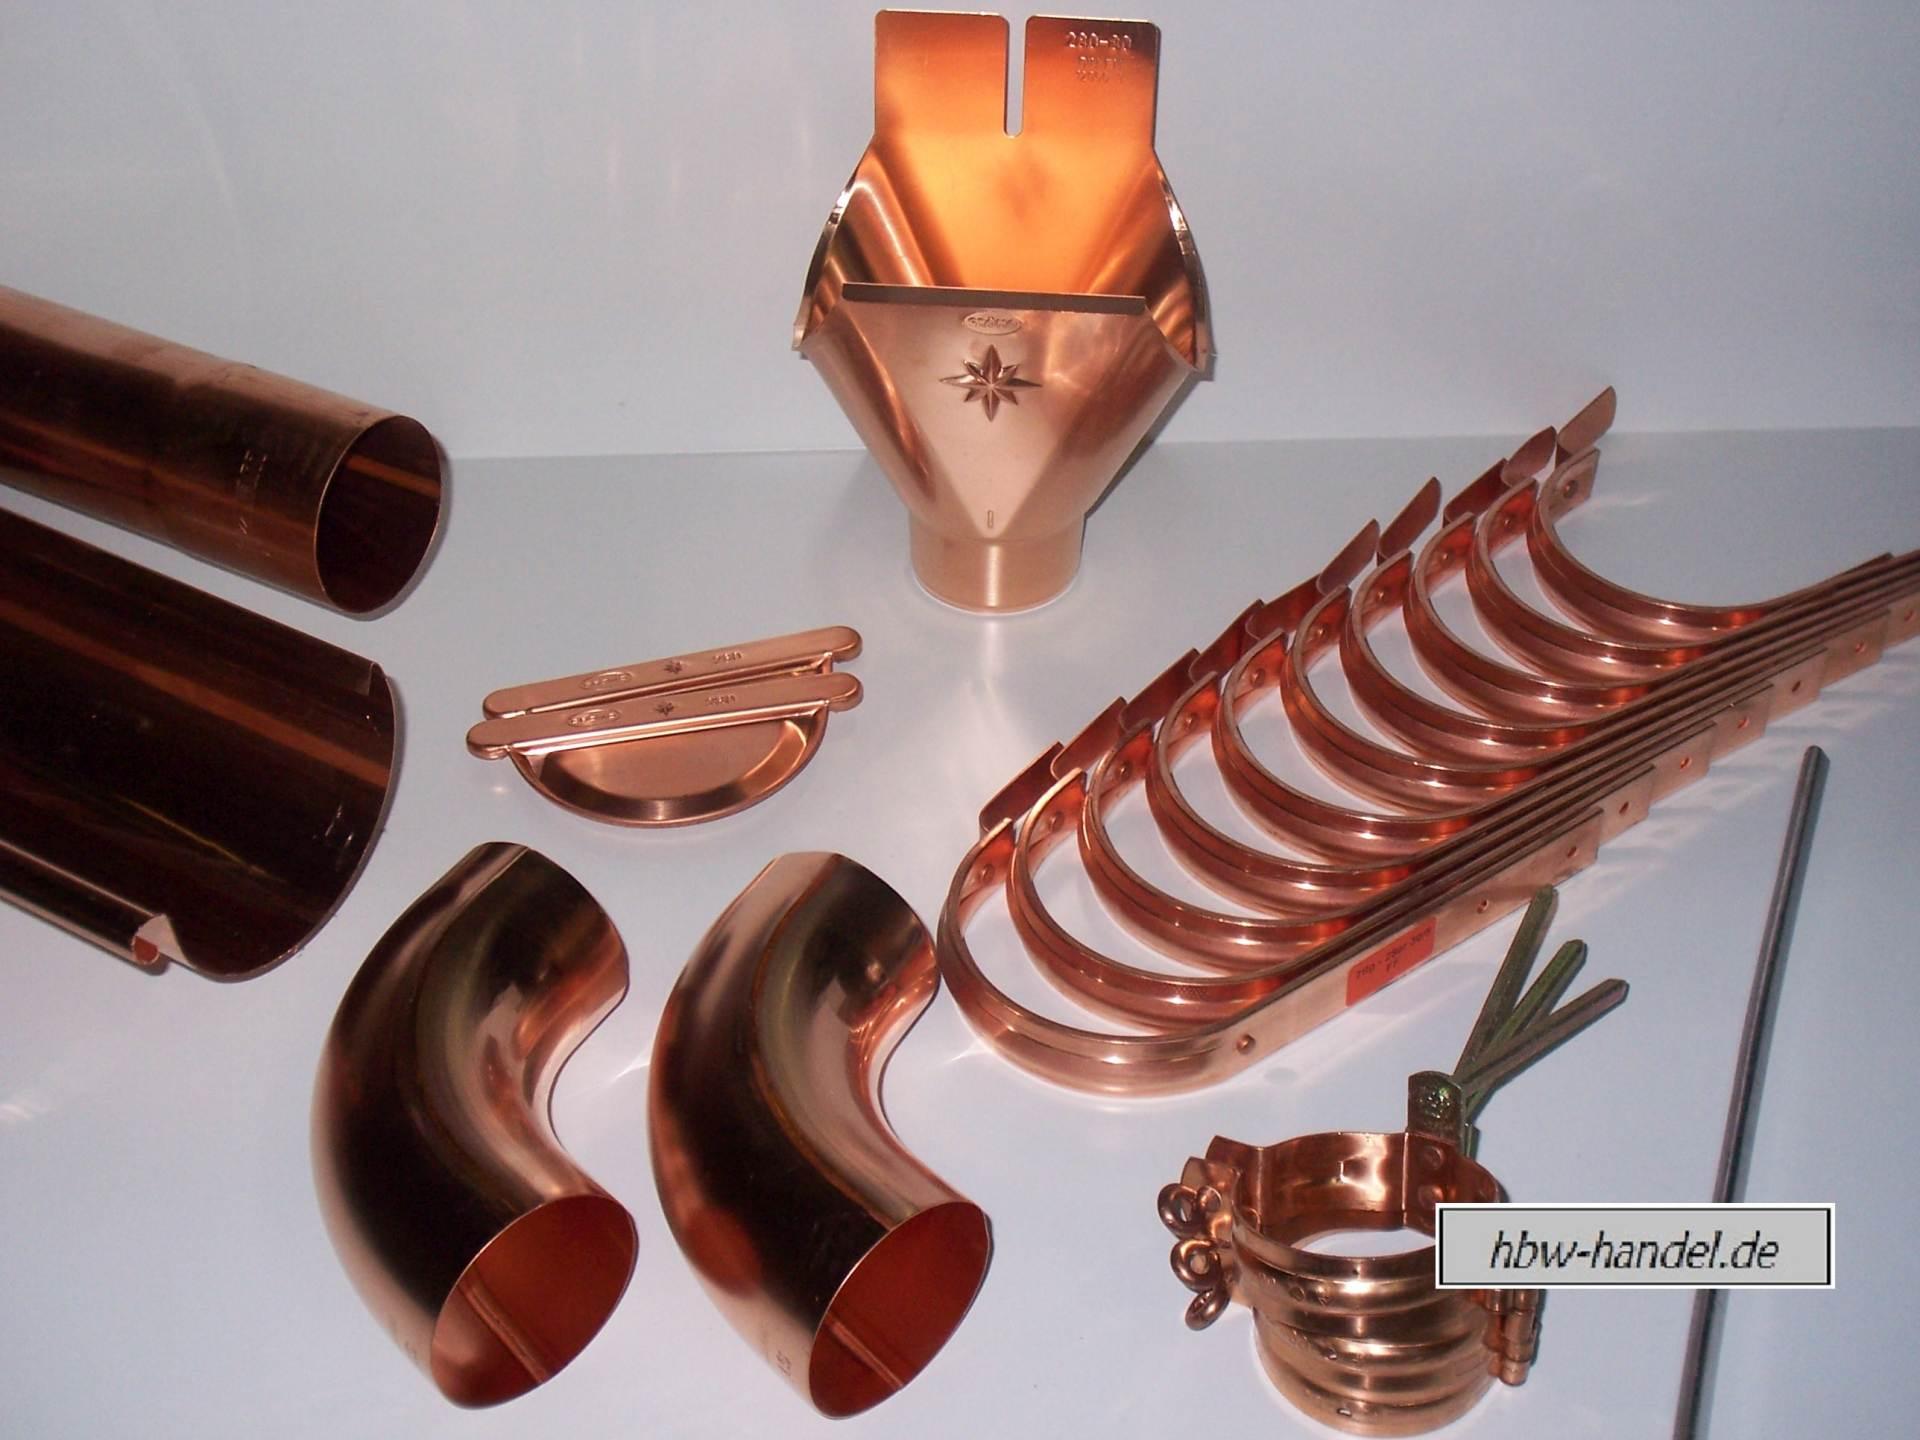 12m Komplettpaket Dachrinne halbrund in Kupfer